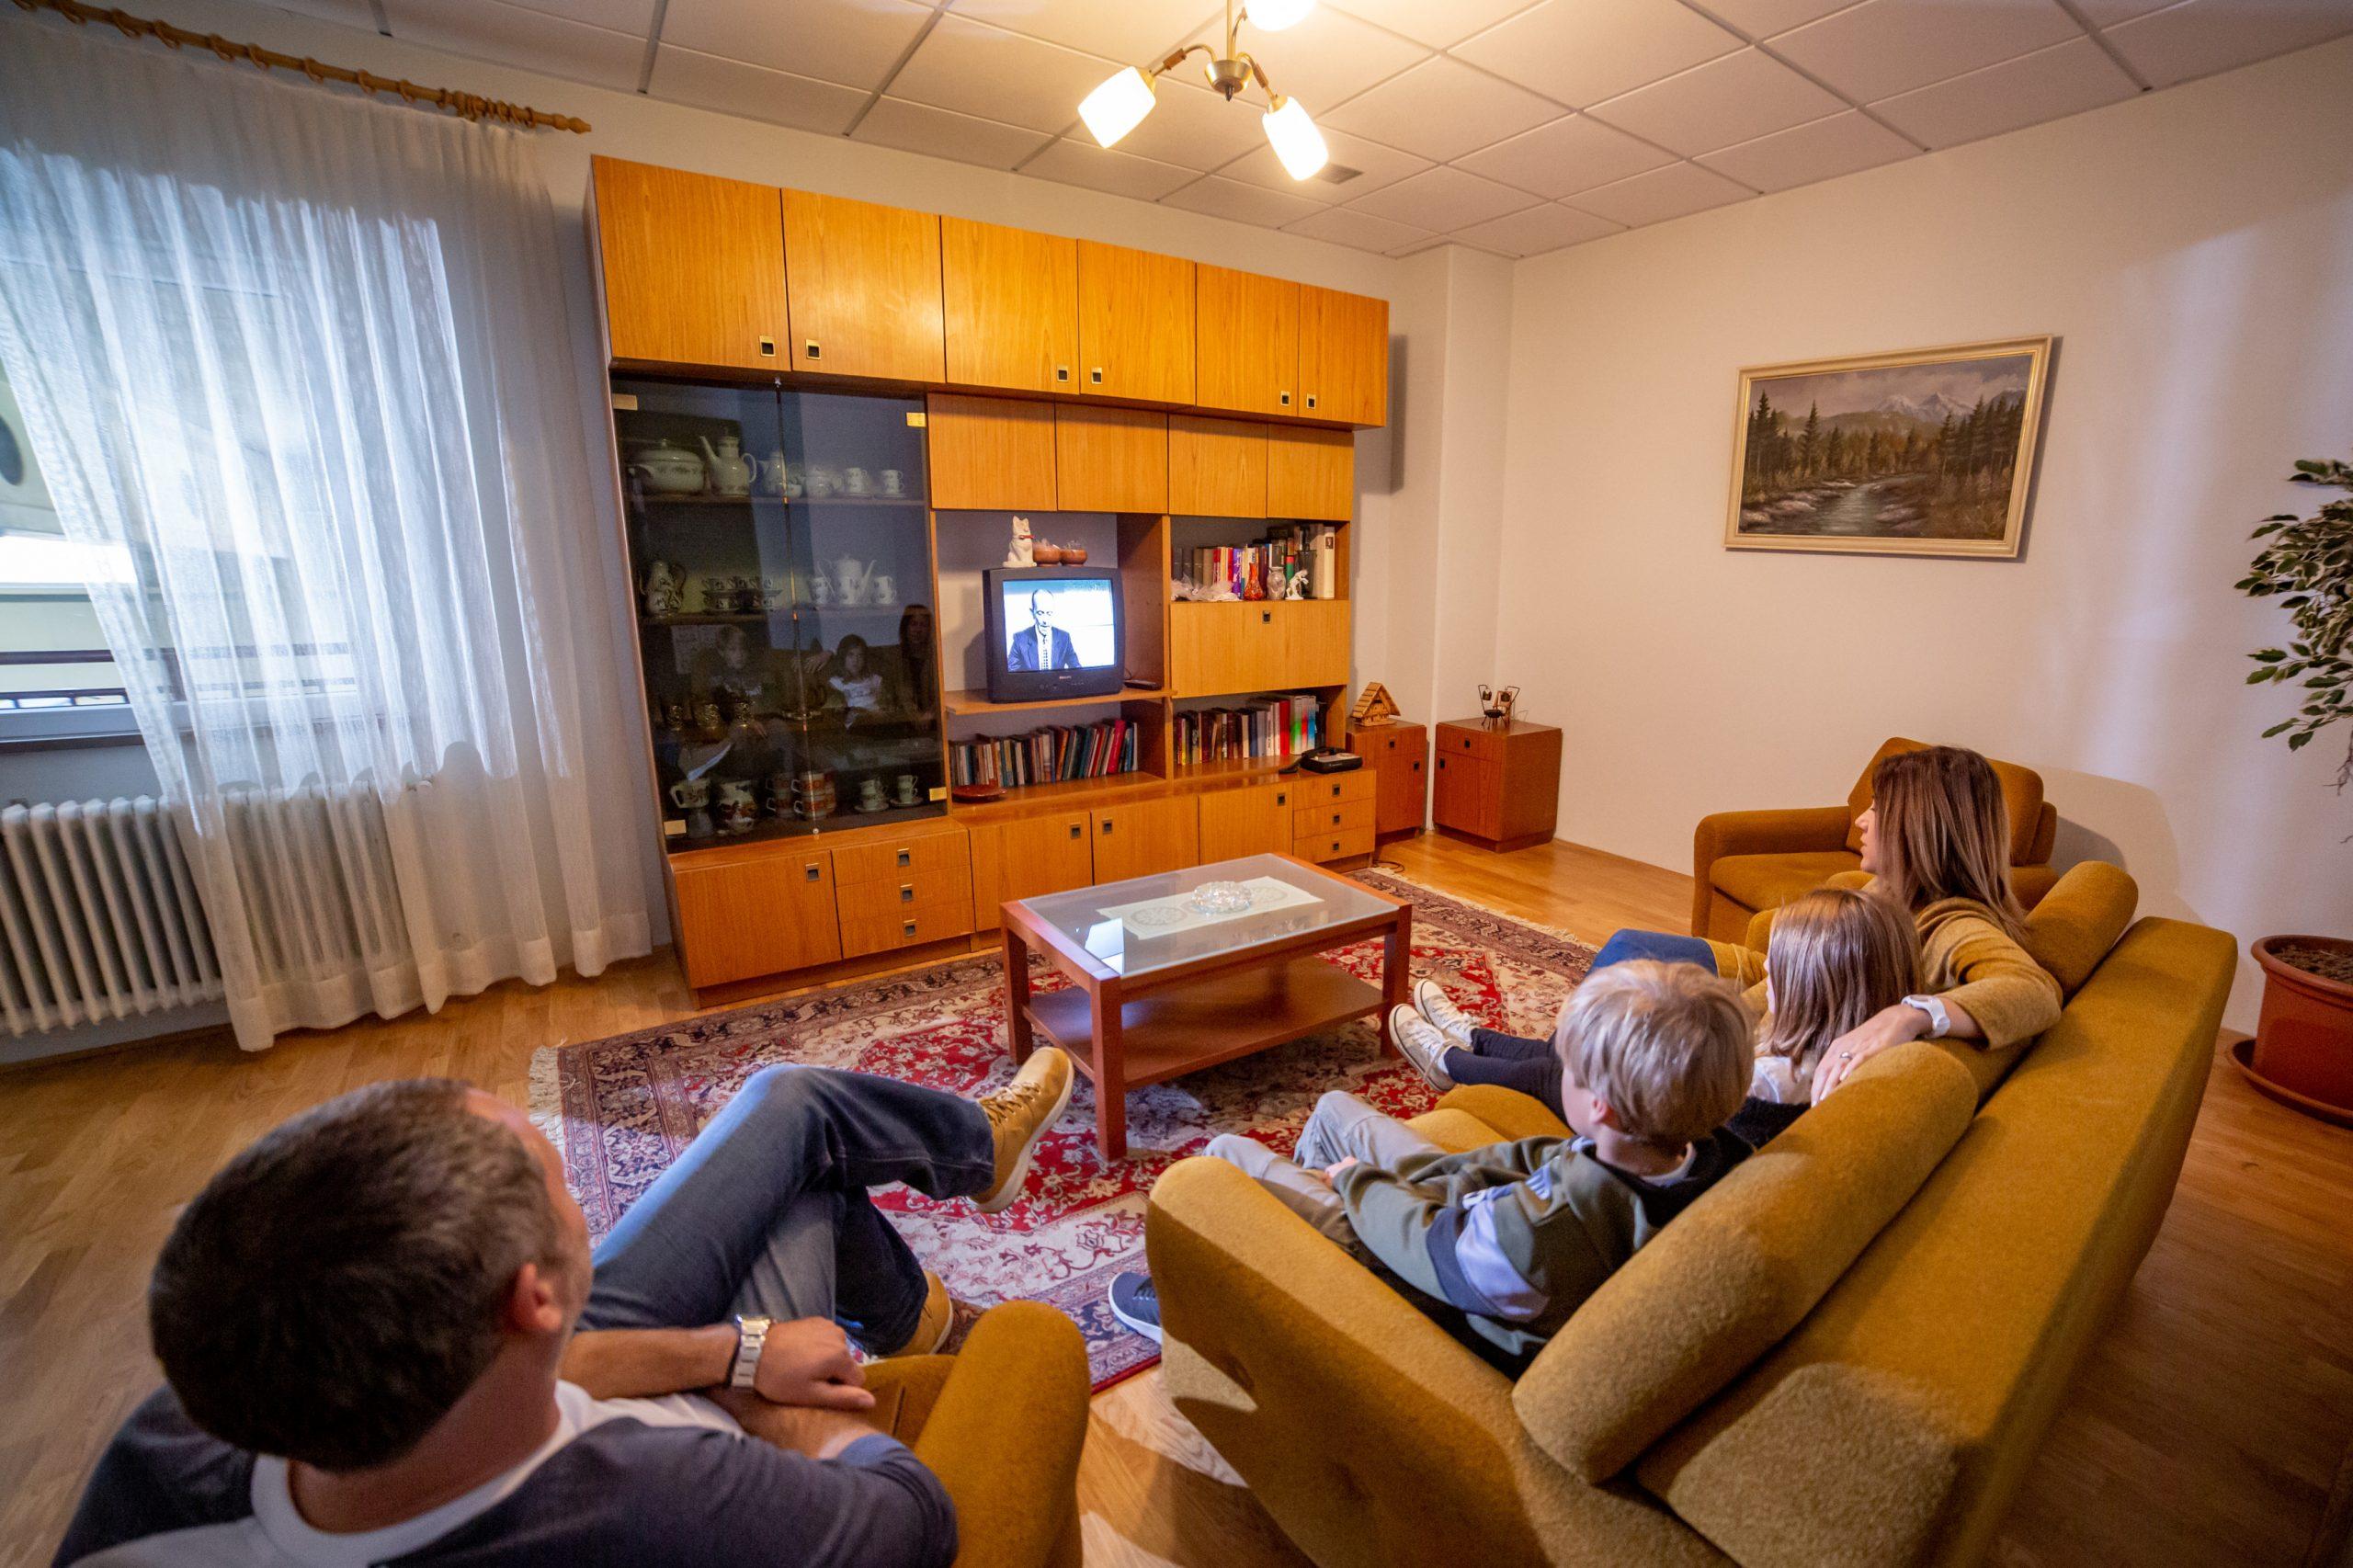 Družina med ogledom. Na kavču pred televizorjem.